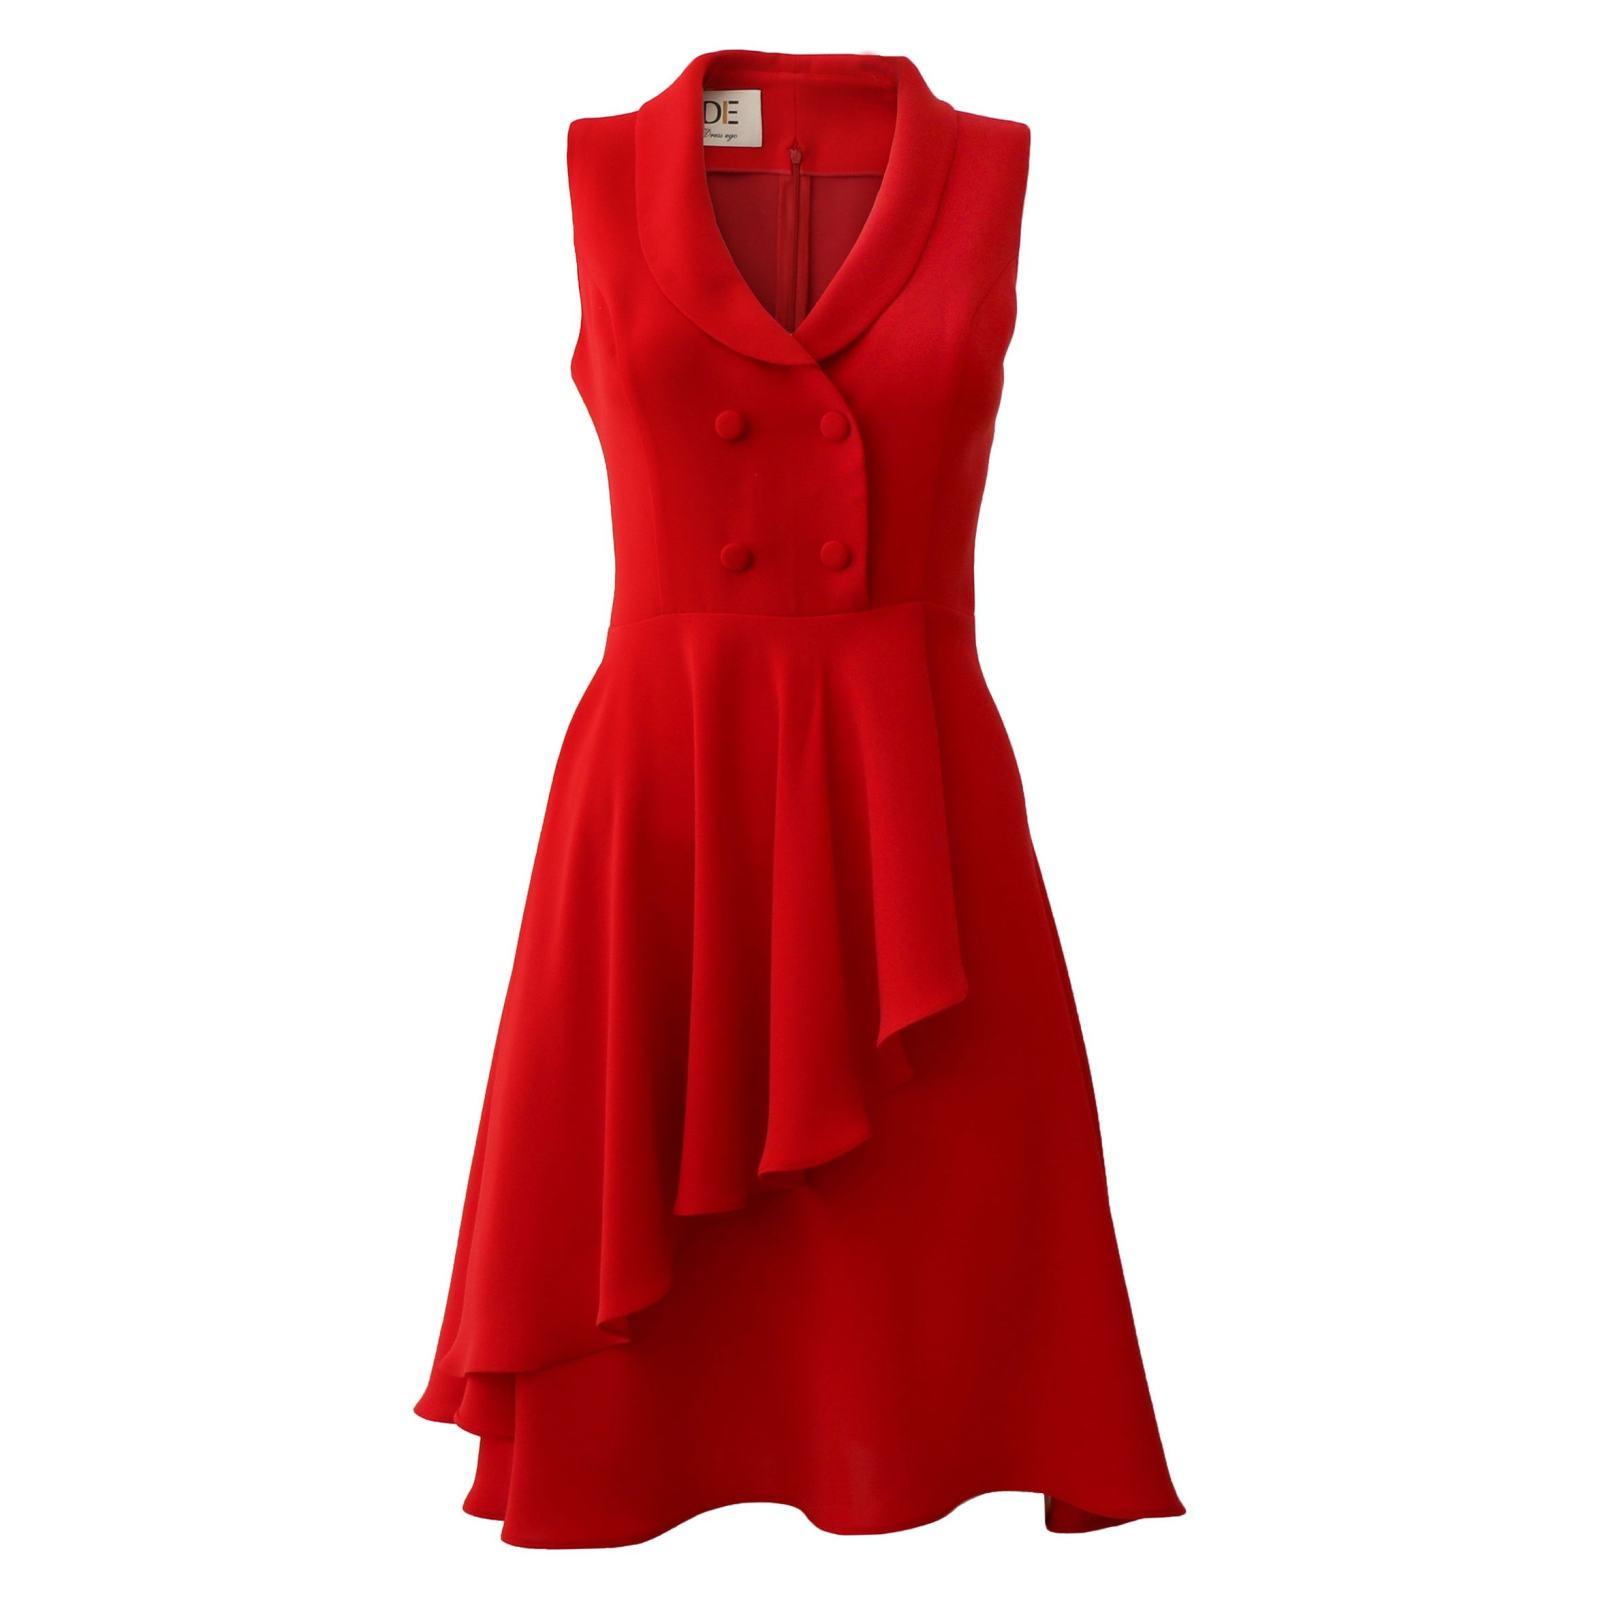 پیراهن زنانه درس ایگو کد 1010018 رنگ قرمز -  - 3